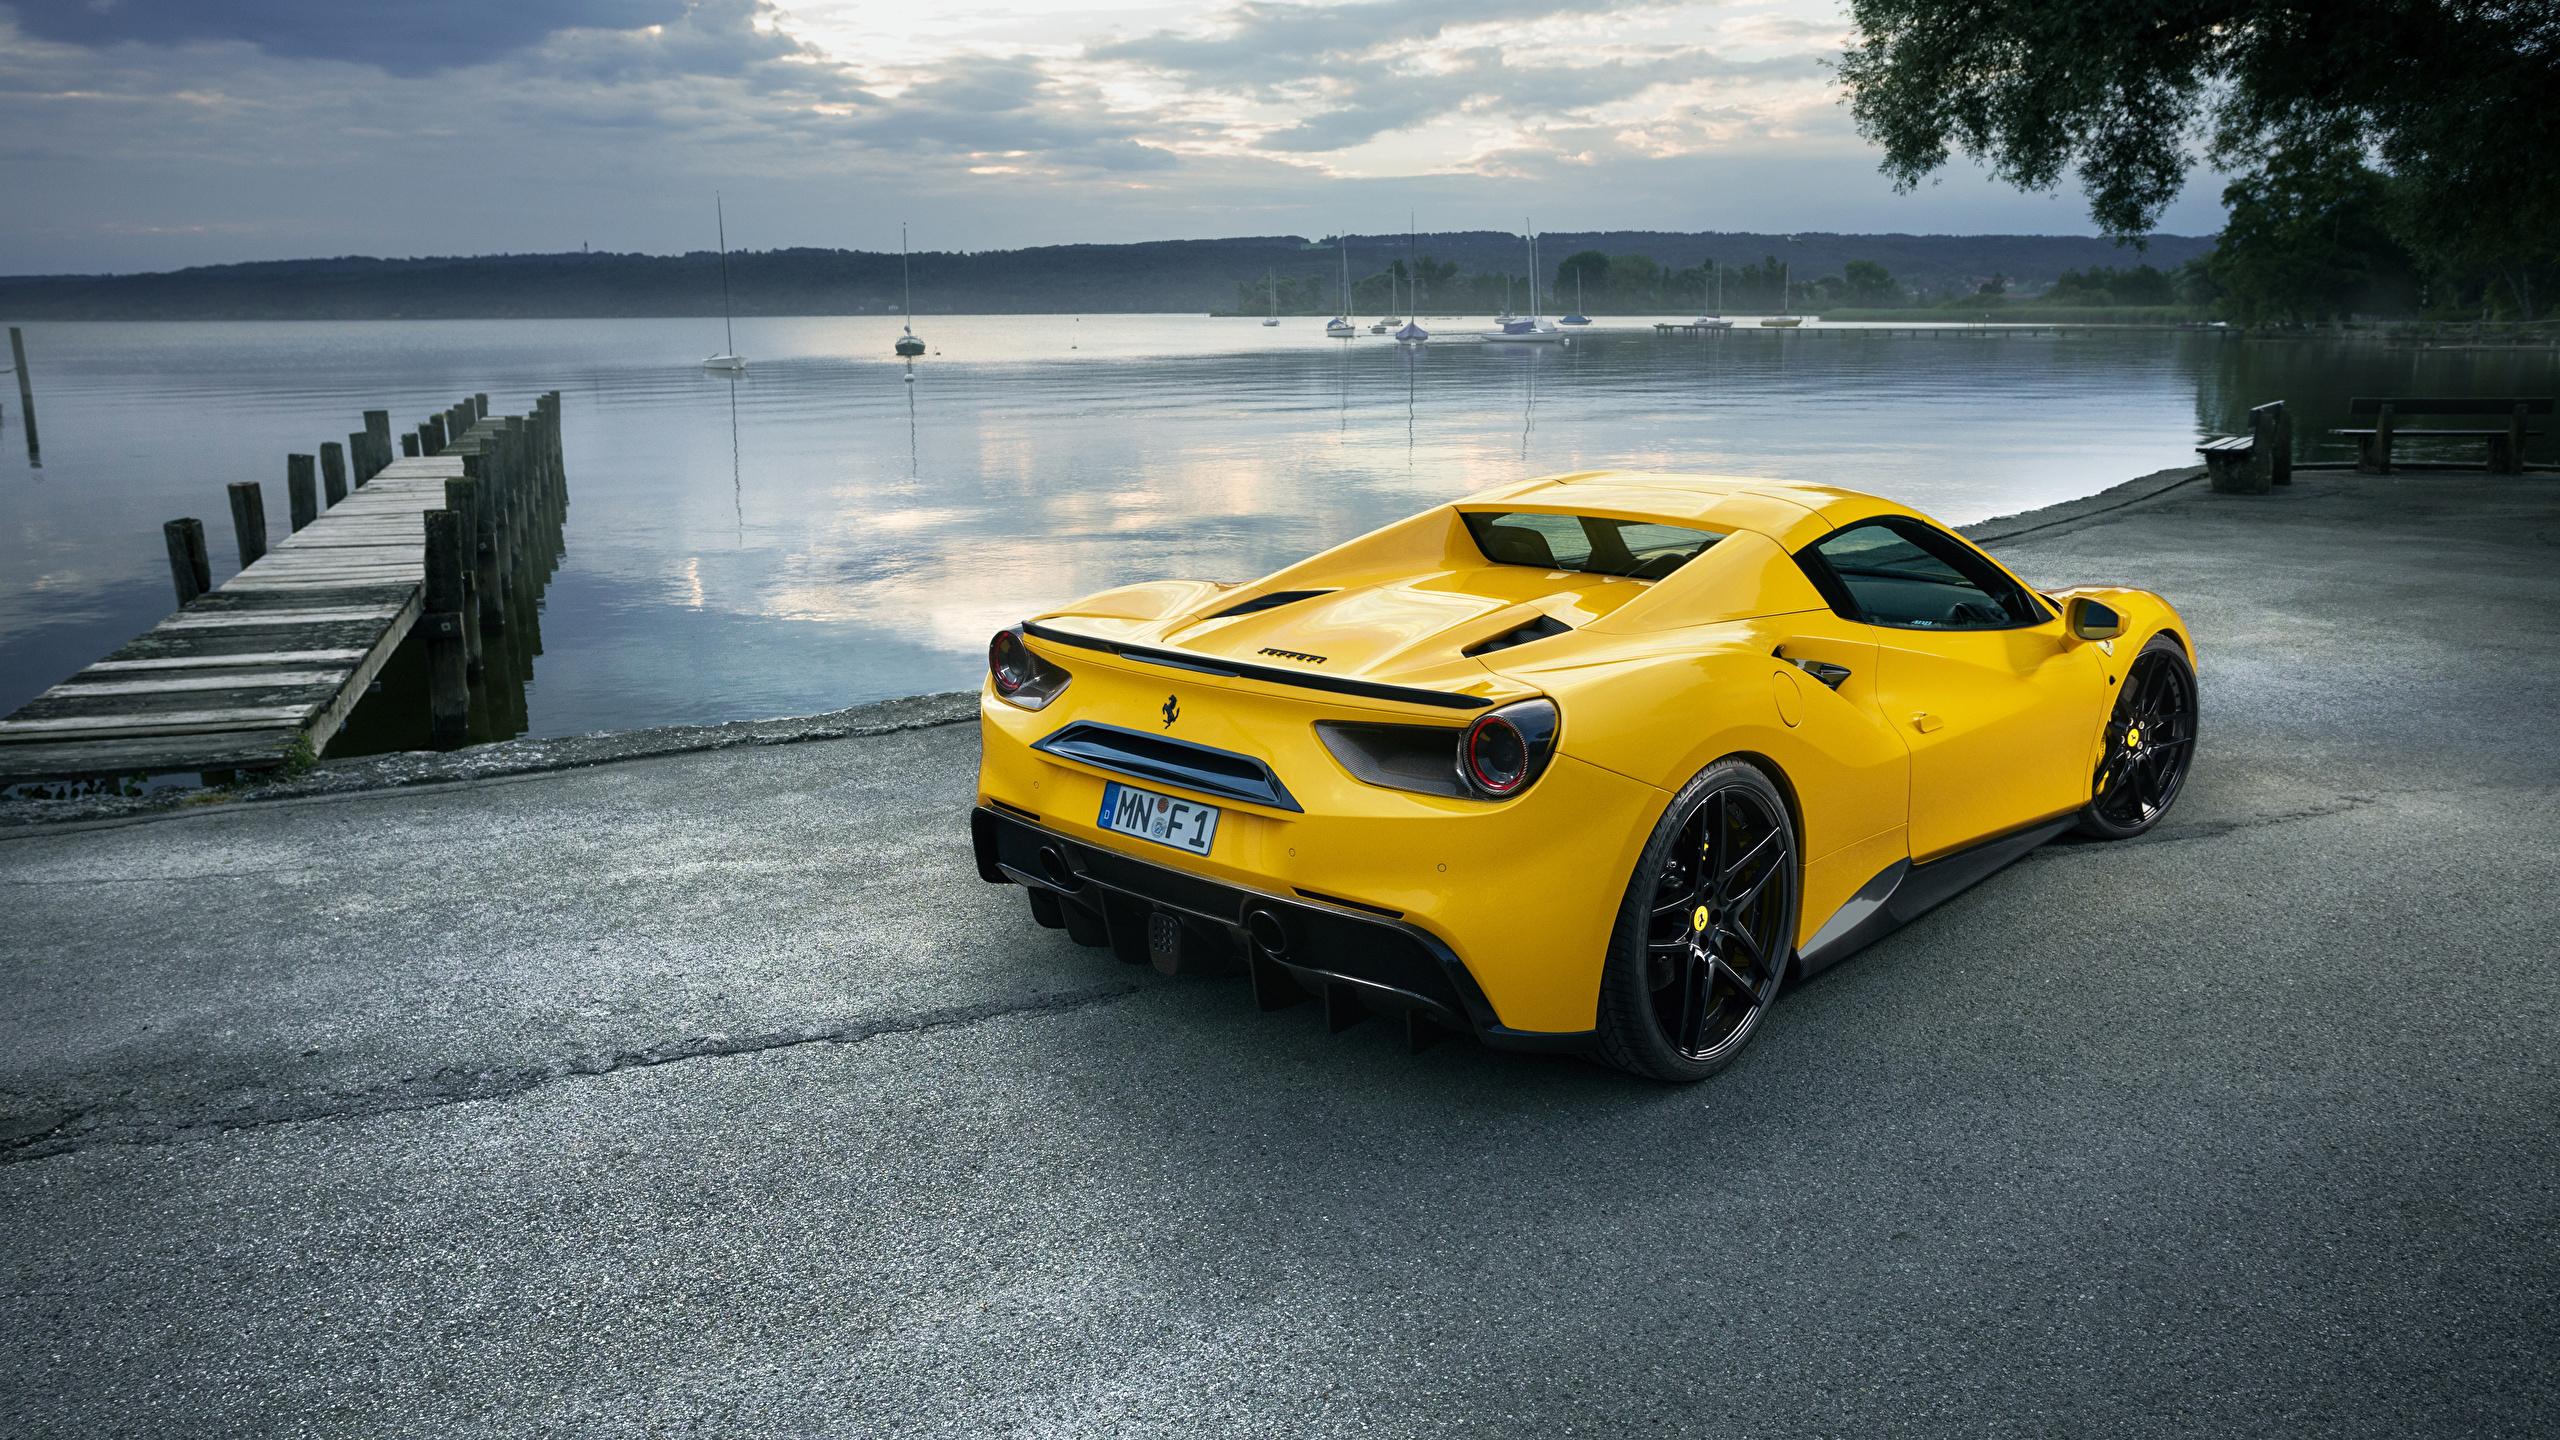 автомобиль желтый car yellow скачать